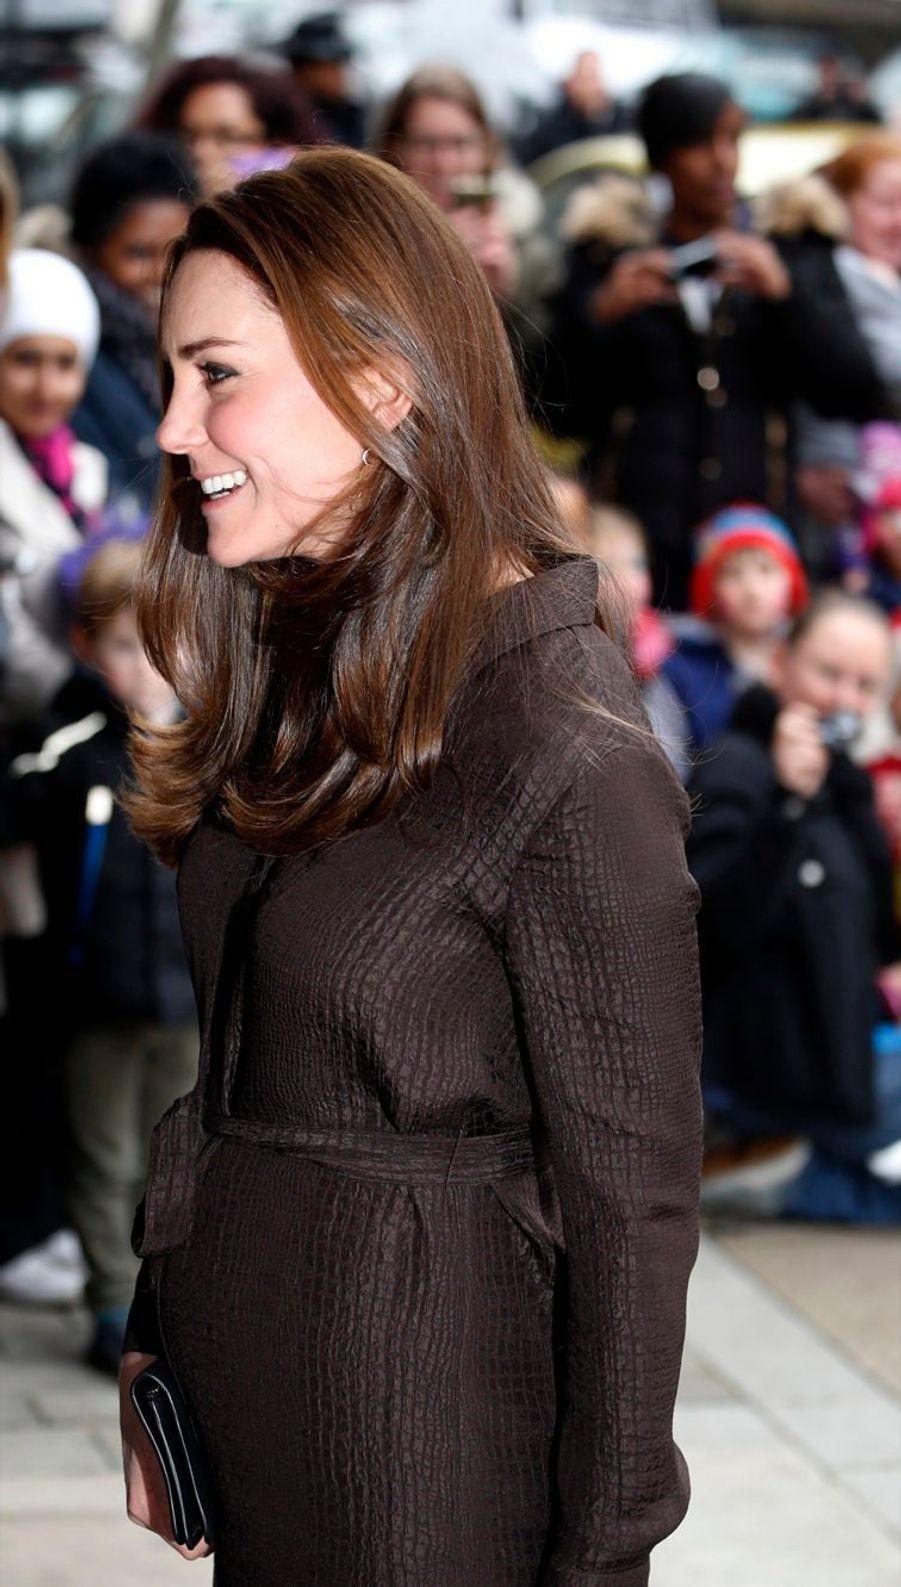 6 La Duchesse De Cambridge, Née Kate Middleton, En Visite Dans Une Association De Familles D'accueil